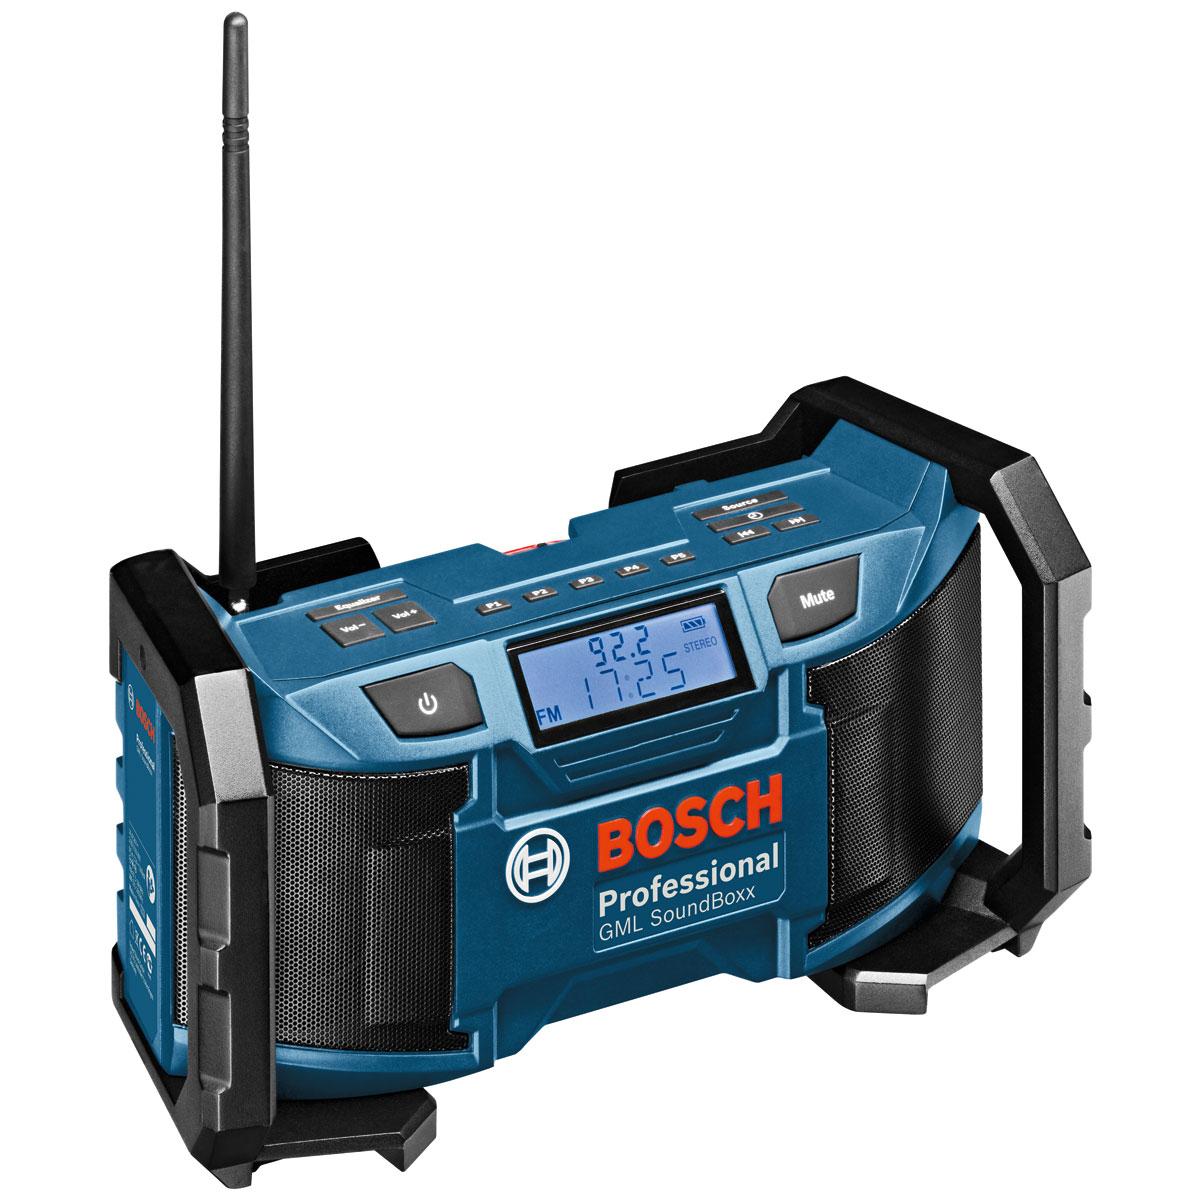 Радио Bosch Gml soundboxx (0.601.429.900) фонарь maglite 2d синий 25 см в картонной коробке 947191